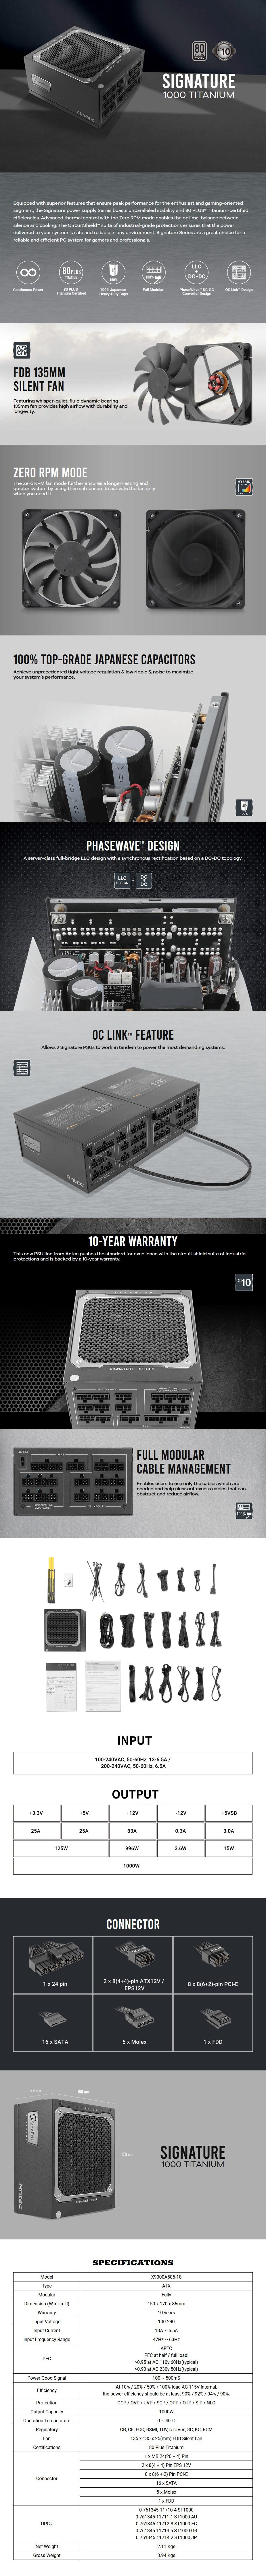 antec-signature-1000w-80-titanium-fully-modular-power-supply-ac37345-4.jpg